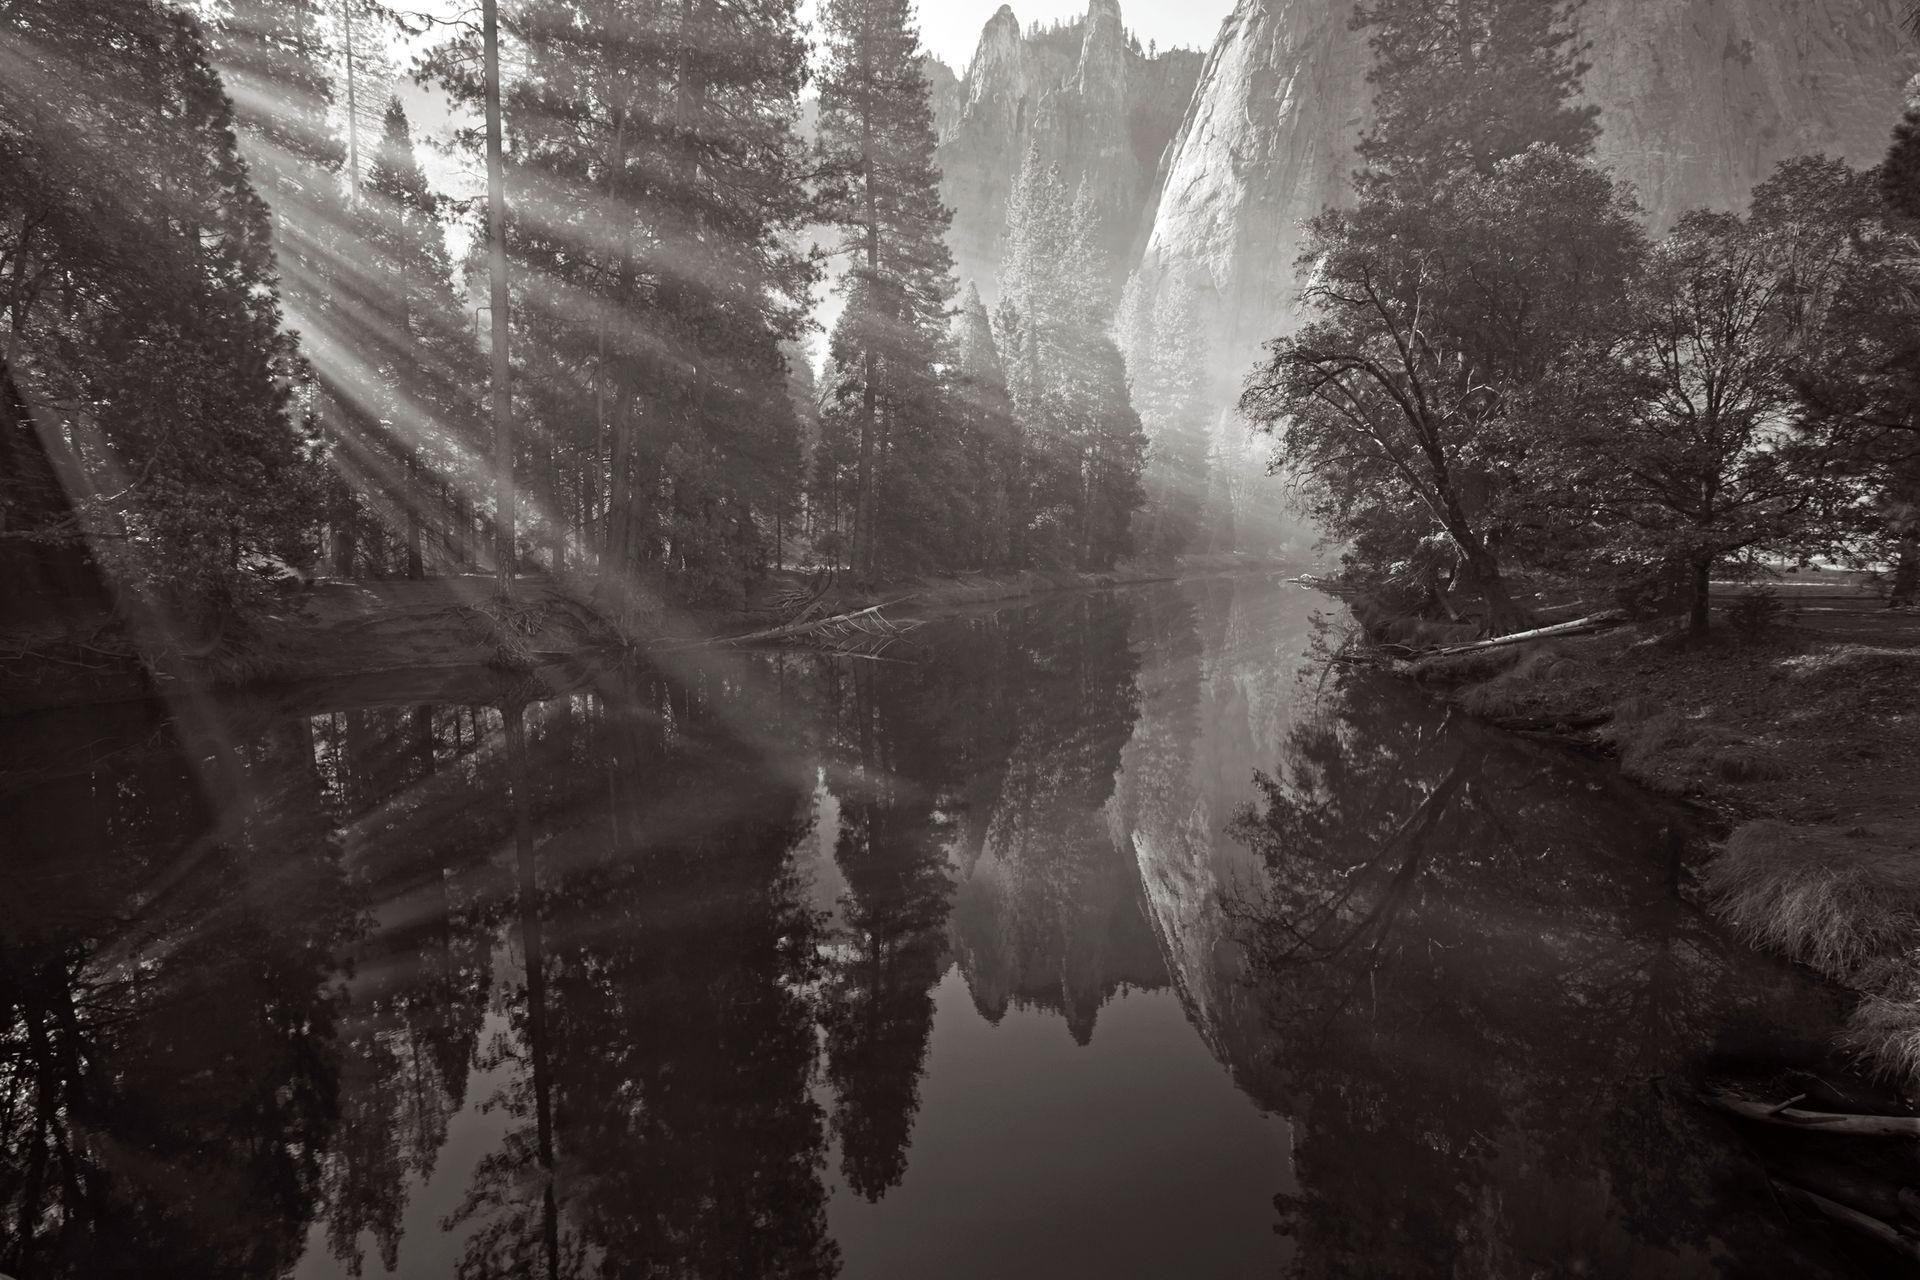 Americas-West-Drew-Doggett-Yosemite-Awakens.jpg